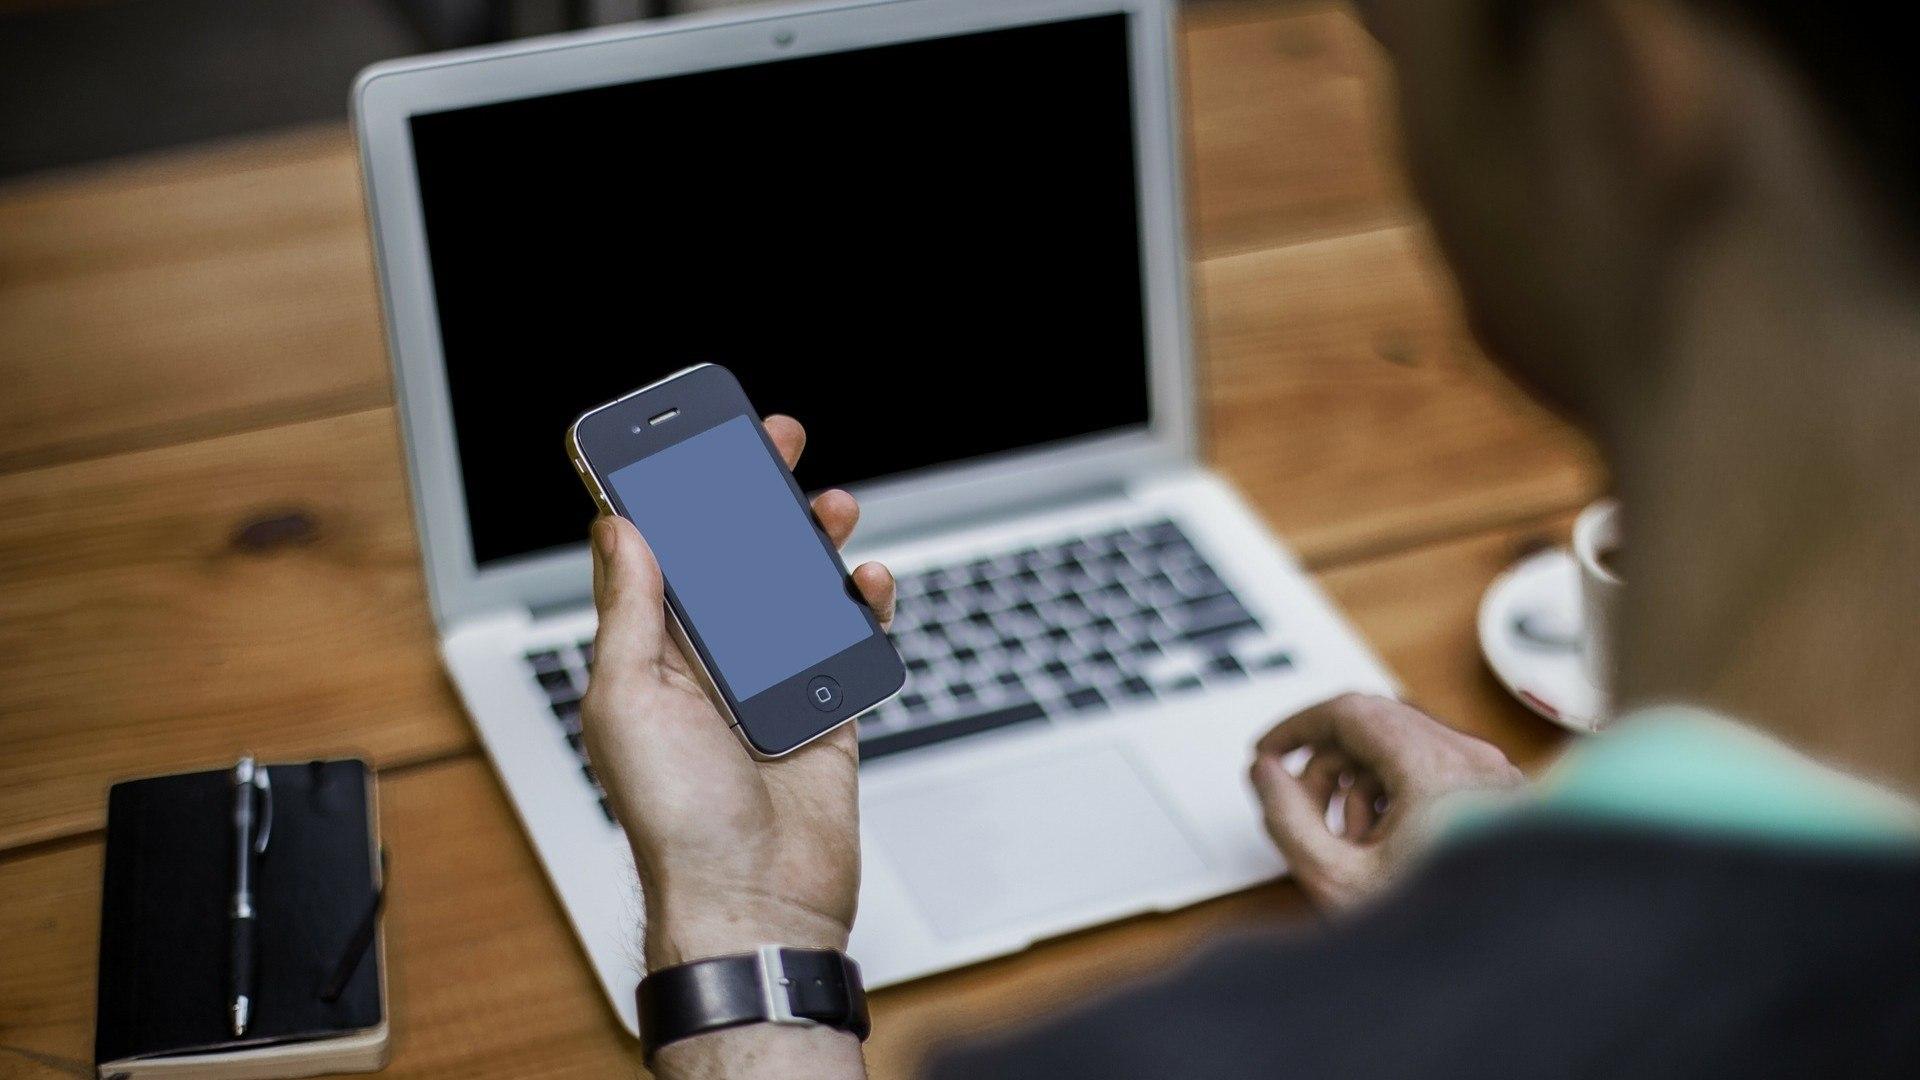 Utilização da internet por Telemóvel ultrapassa PC